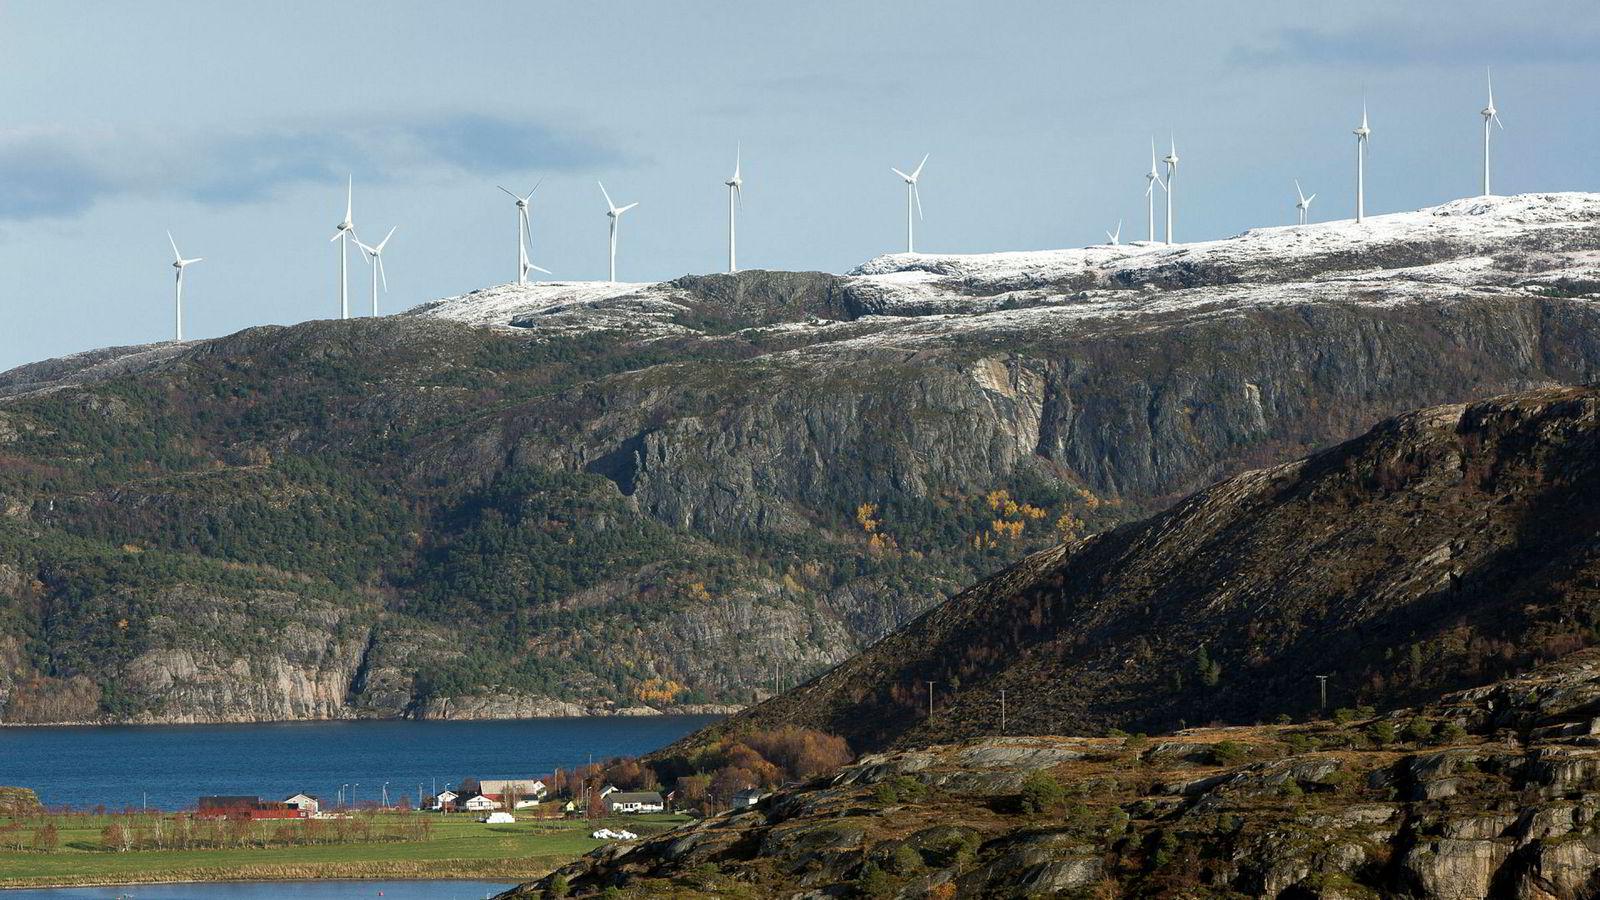 Roan vindpark er den første ferdigstilte av de seks vindparkene som Statkraft bygger i Trøndelag, og som til sammen skal bli det største landvind-prosjektet i Europa i 2021.